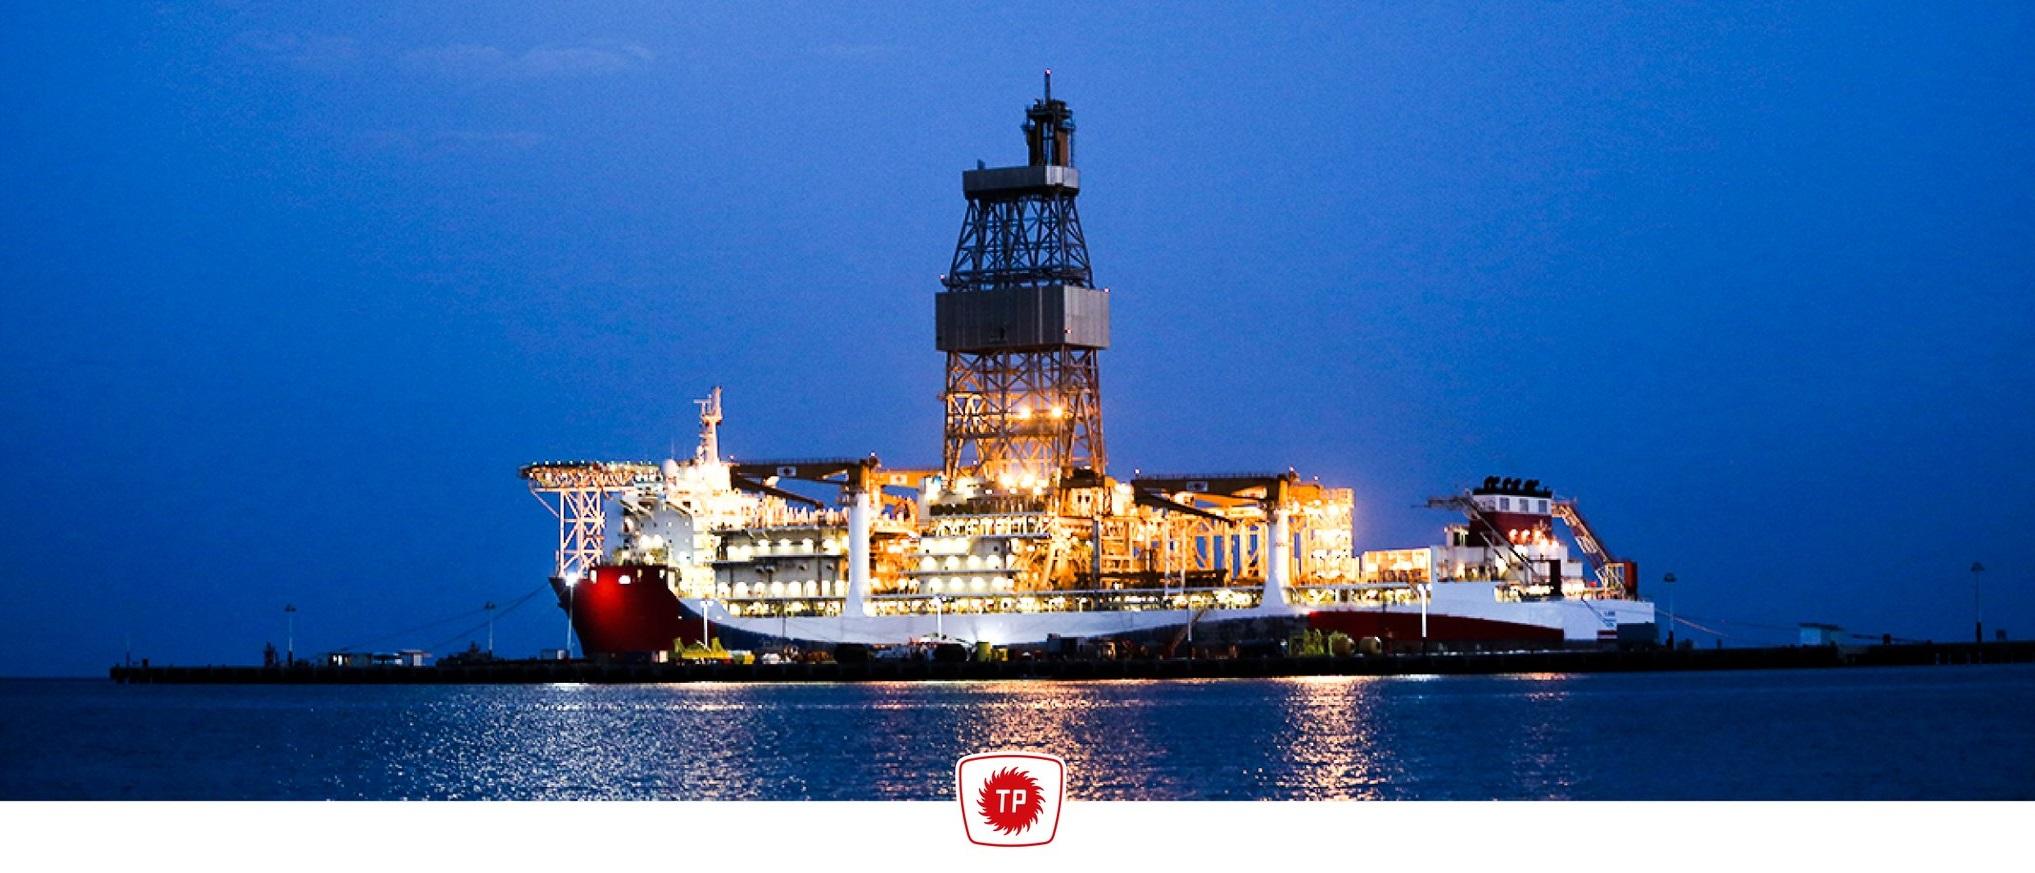 Kanuni sondaj gemisinin ışıkları yandı; ilk görev yeri Karadeniz!..